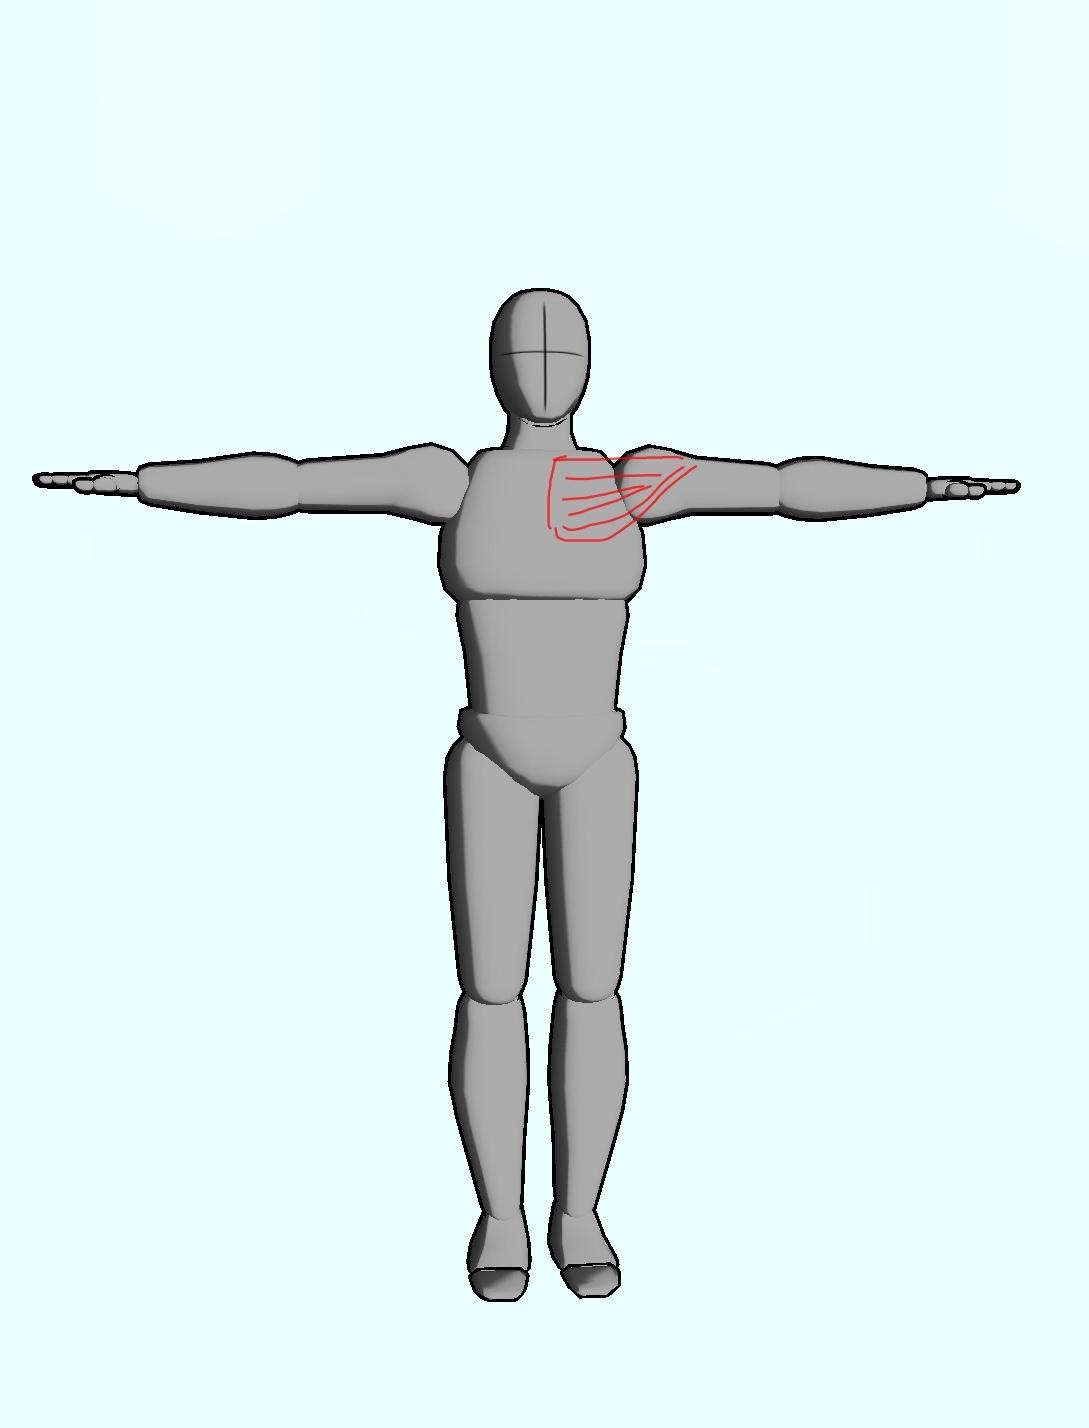 整体ストレッチ 大胸筋2